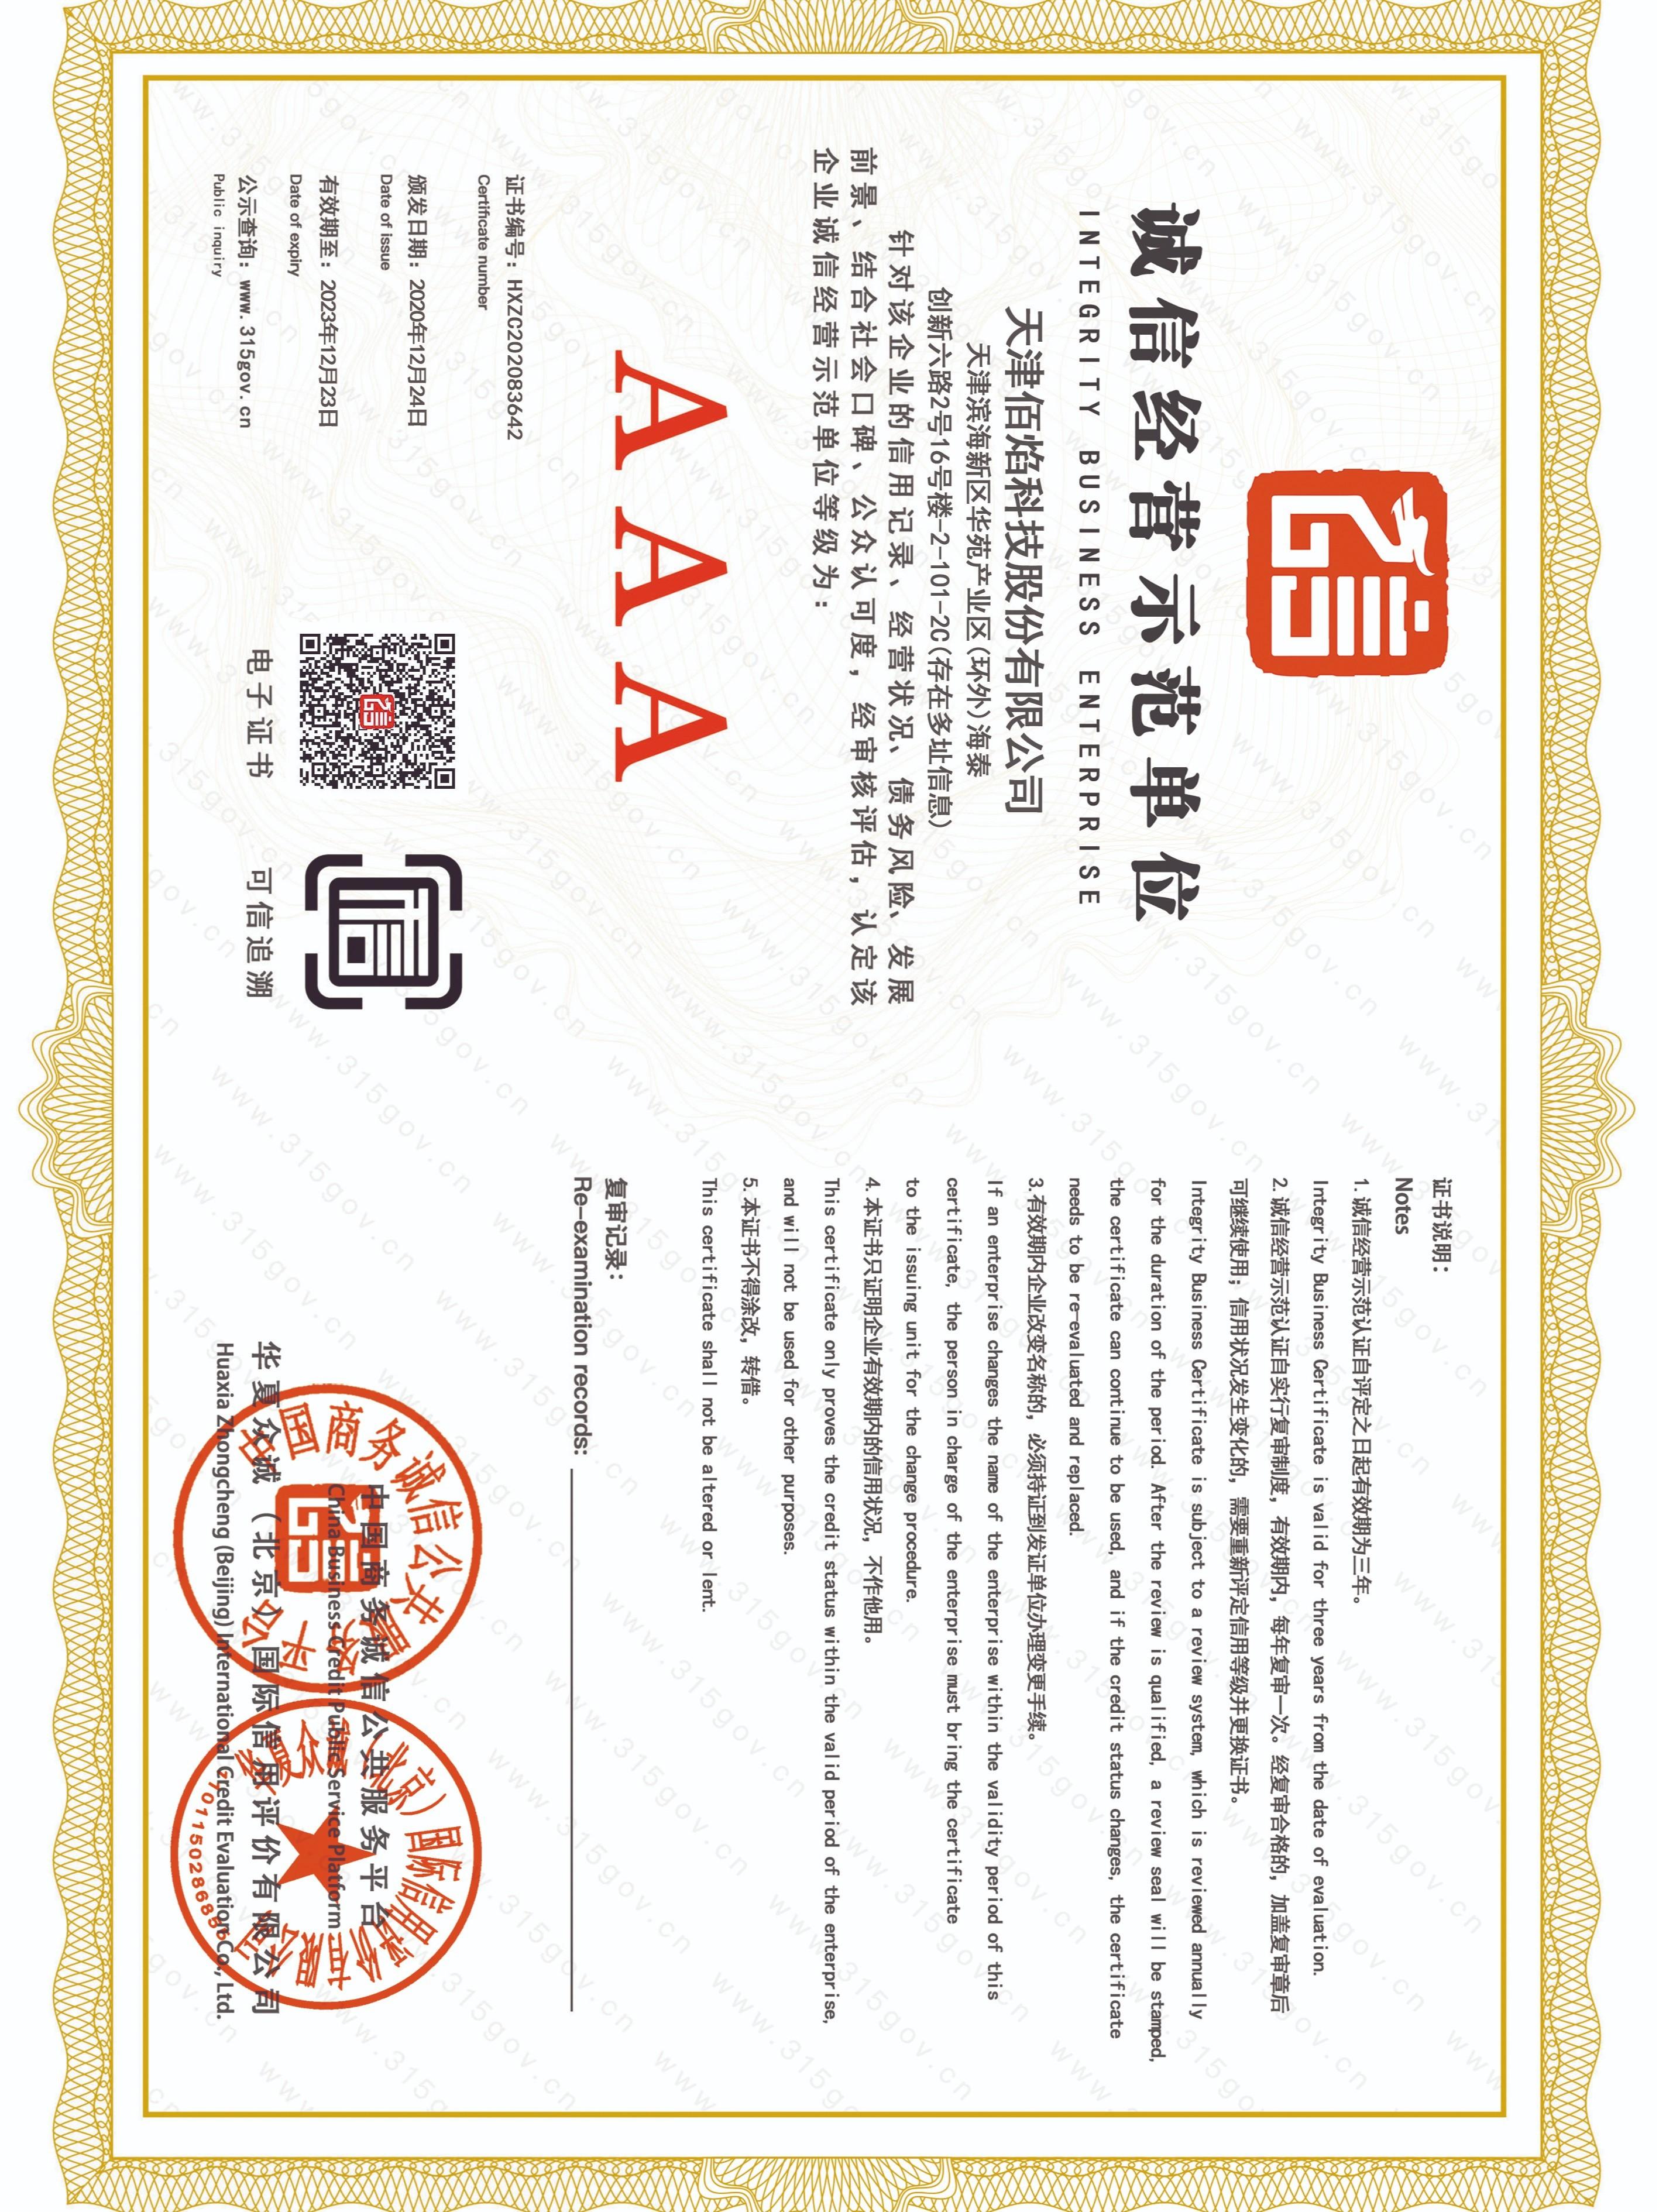 佰焰科技 诚信经营示范单位证书